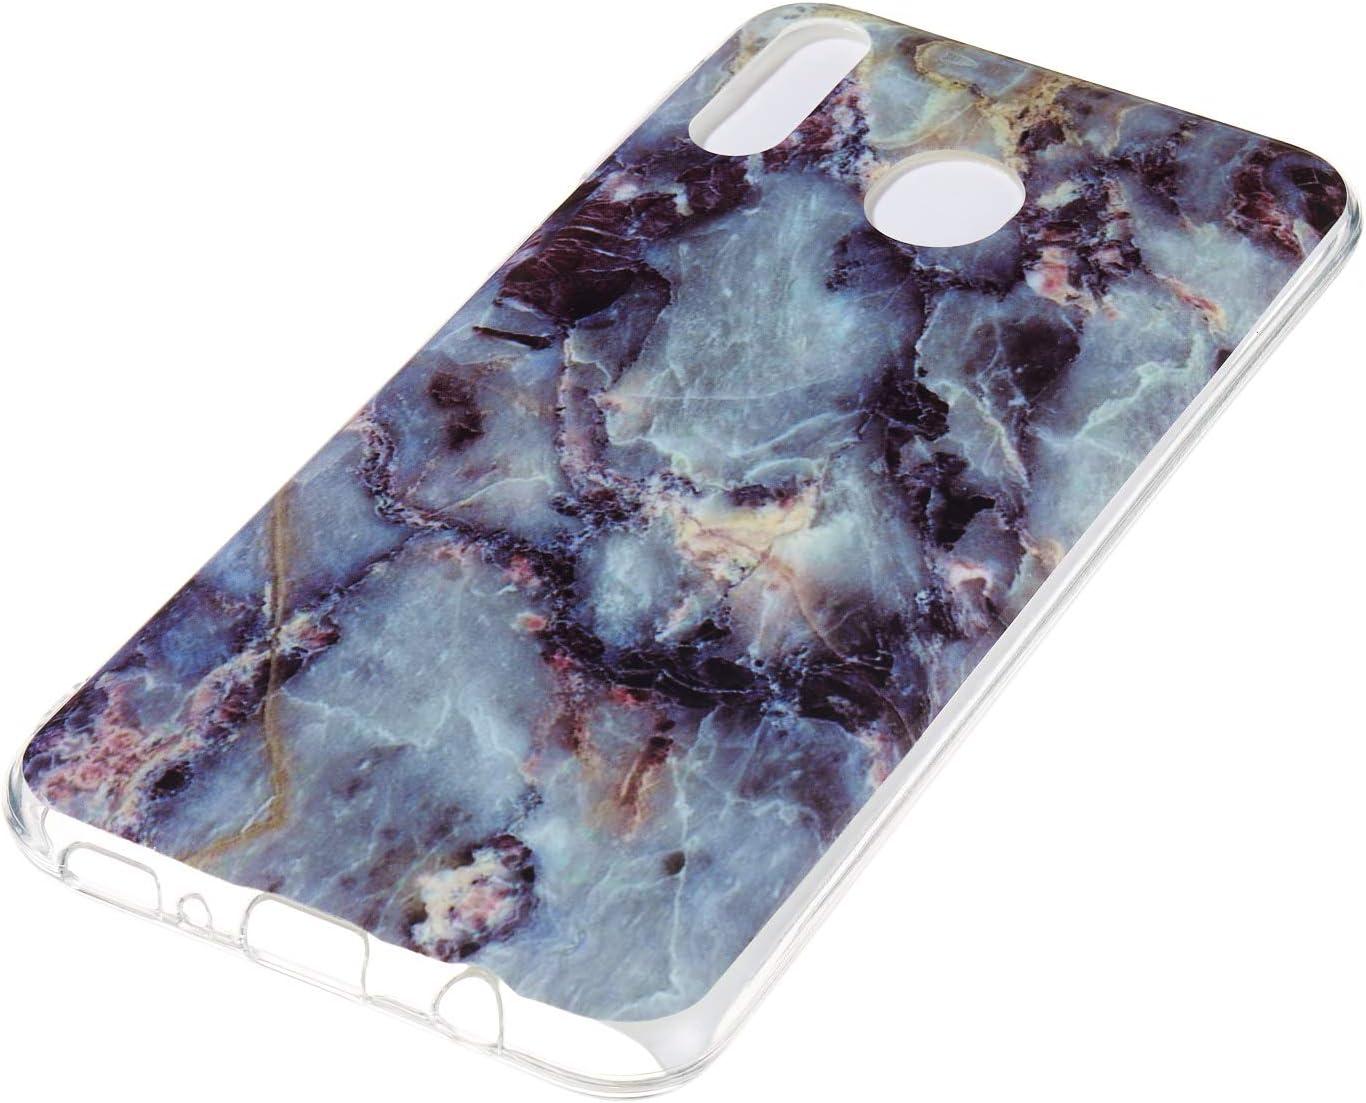 Samsung Galaxy M20 Case Lomogo Soft Silicone Case Shockproof Anti-Scratch Case Cover for Samsung Galaxy M20 LOYHU190091#7